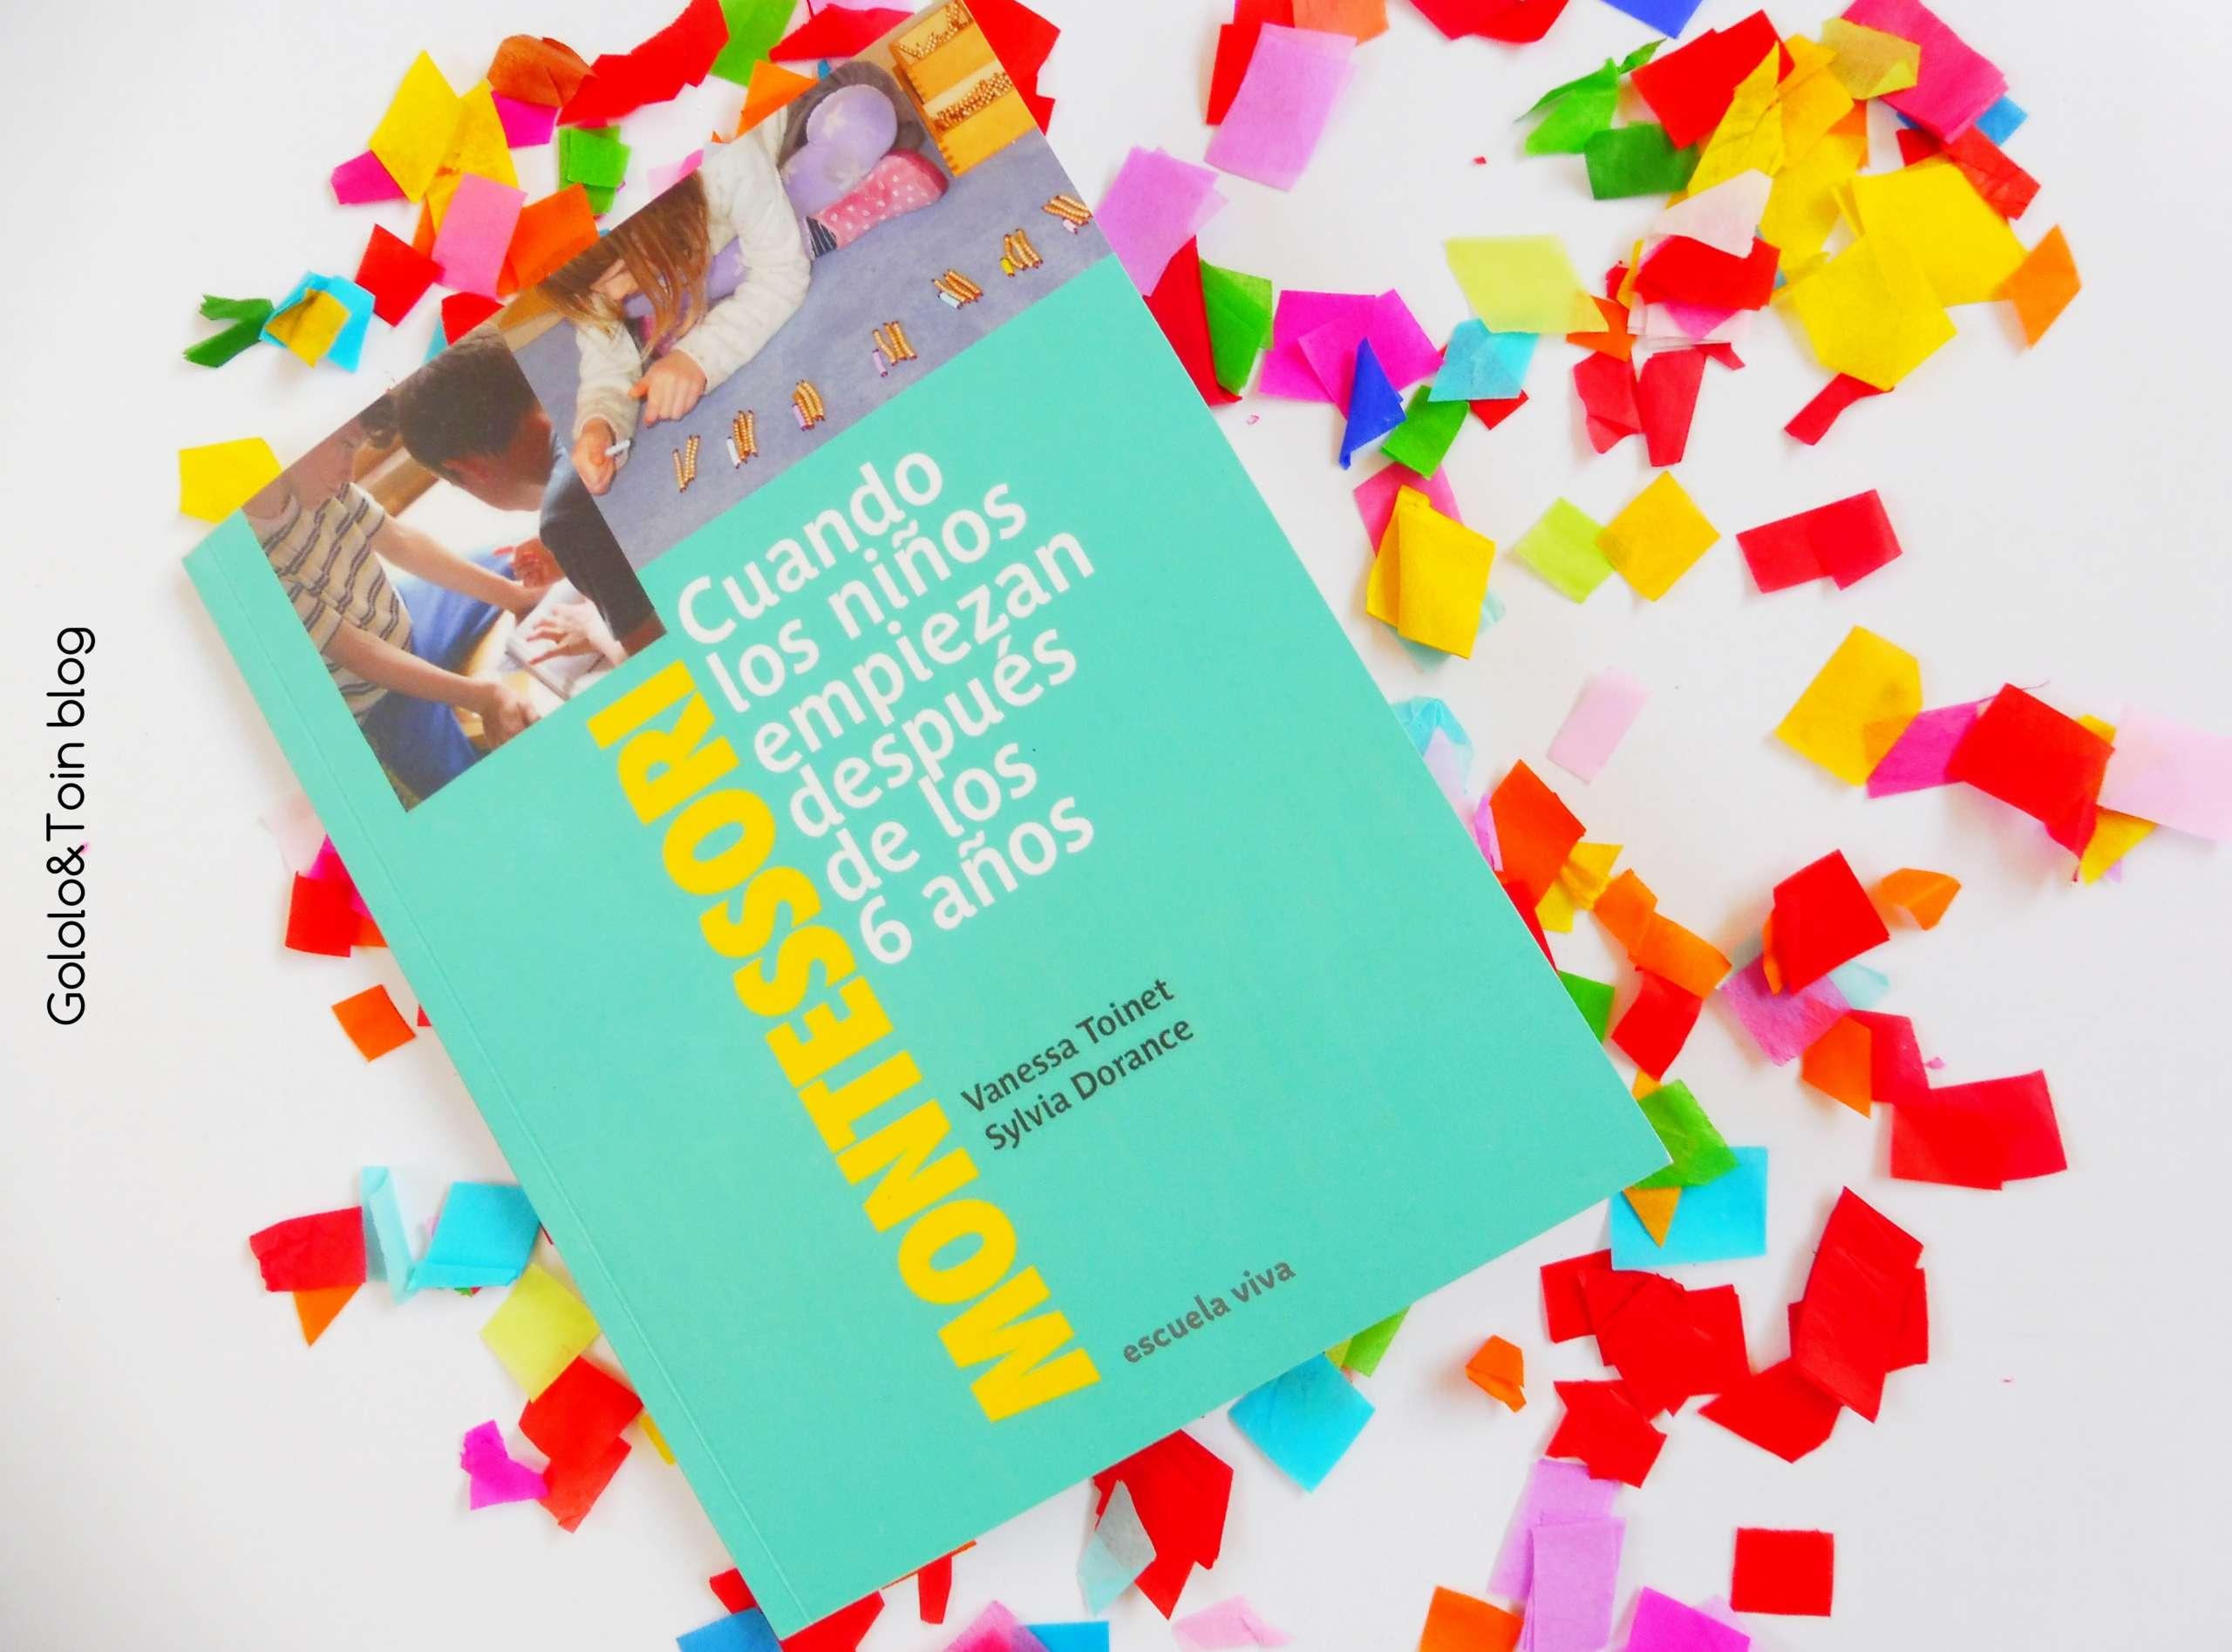 Comenzar el método Montessori después de los 6 años